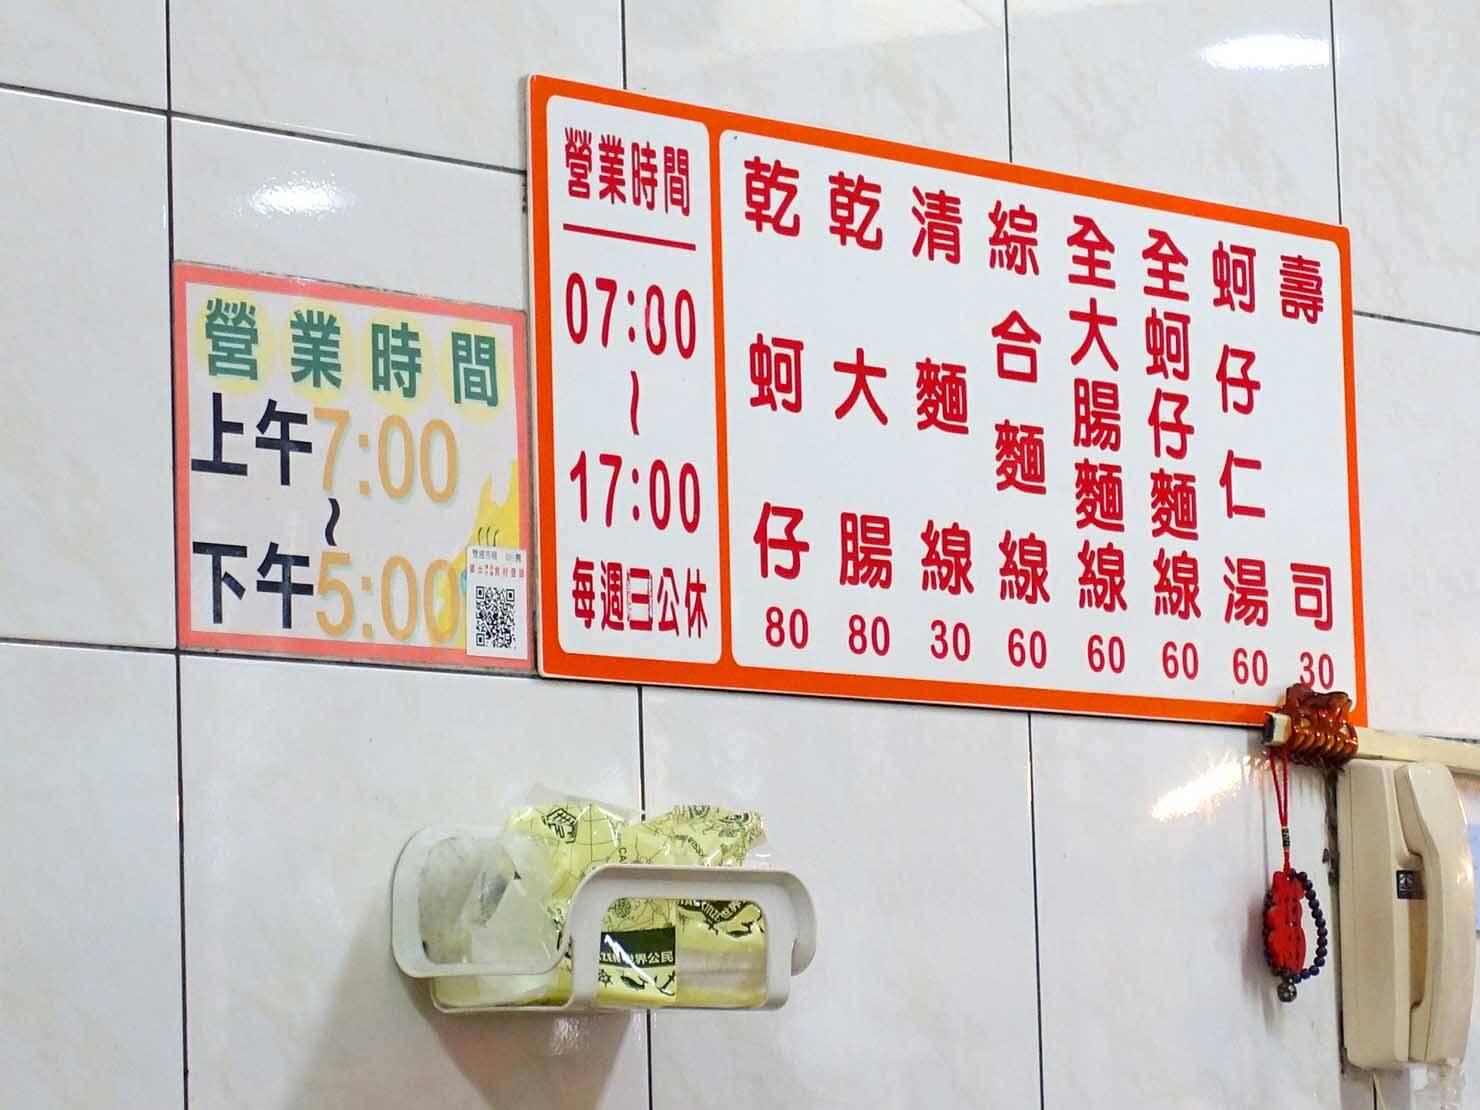 台北・寧夏夜市のおすすめグルメ店「阿川蚵仔麵線」のメニュー